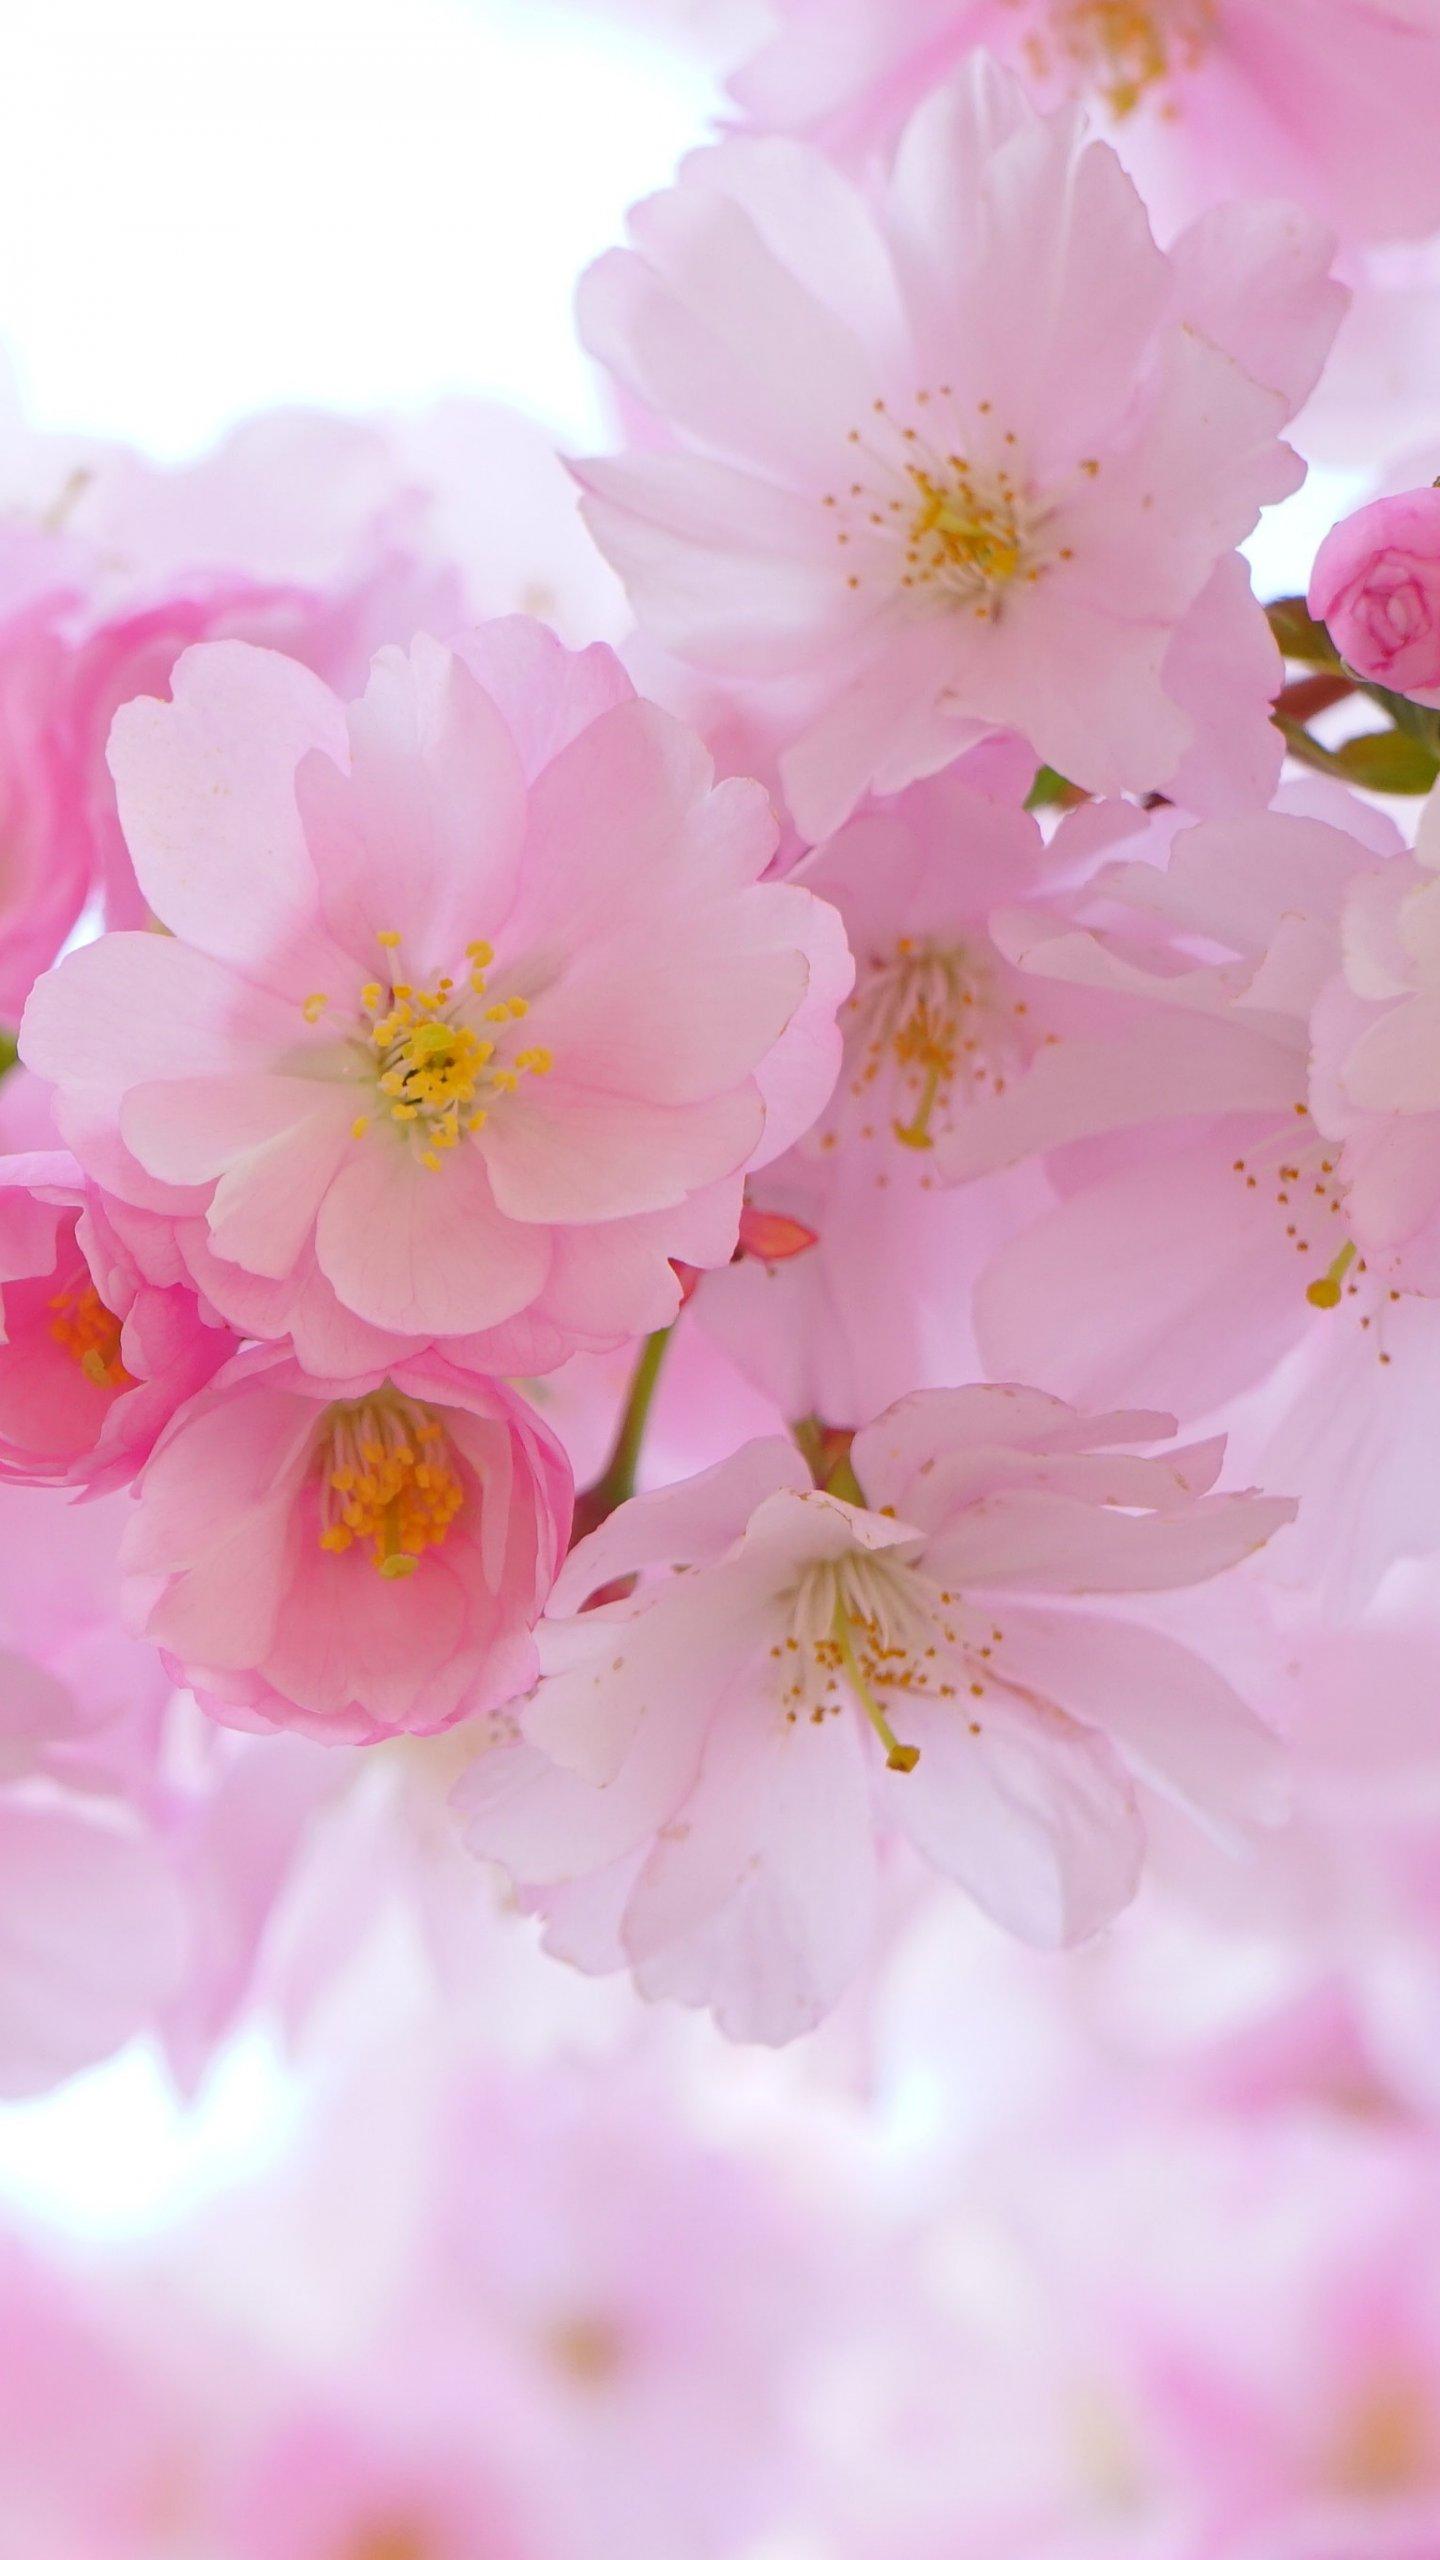 Cherry Blossom Wallpaper Mobile Desktop Background